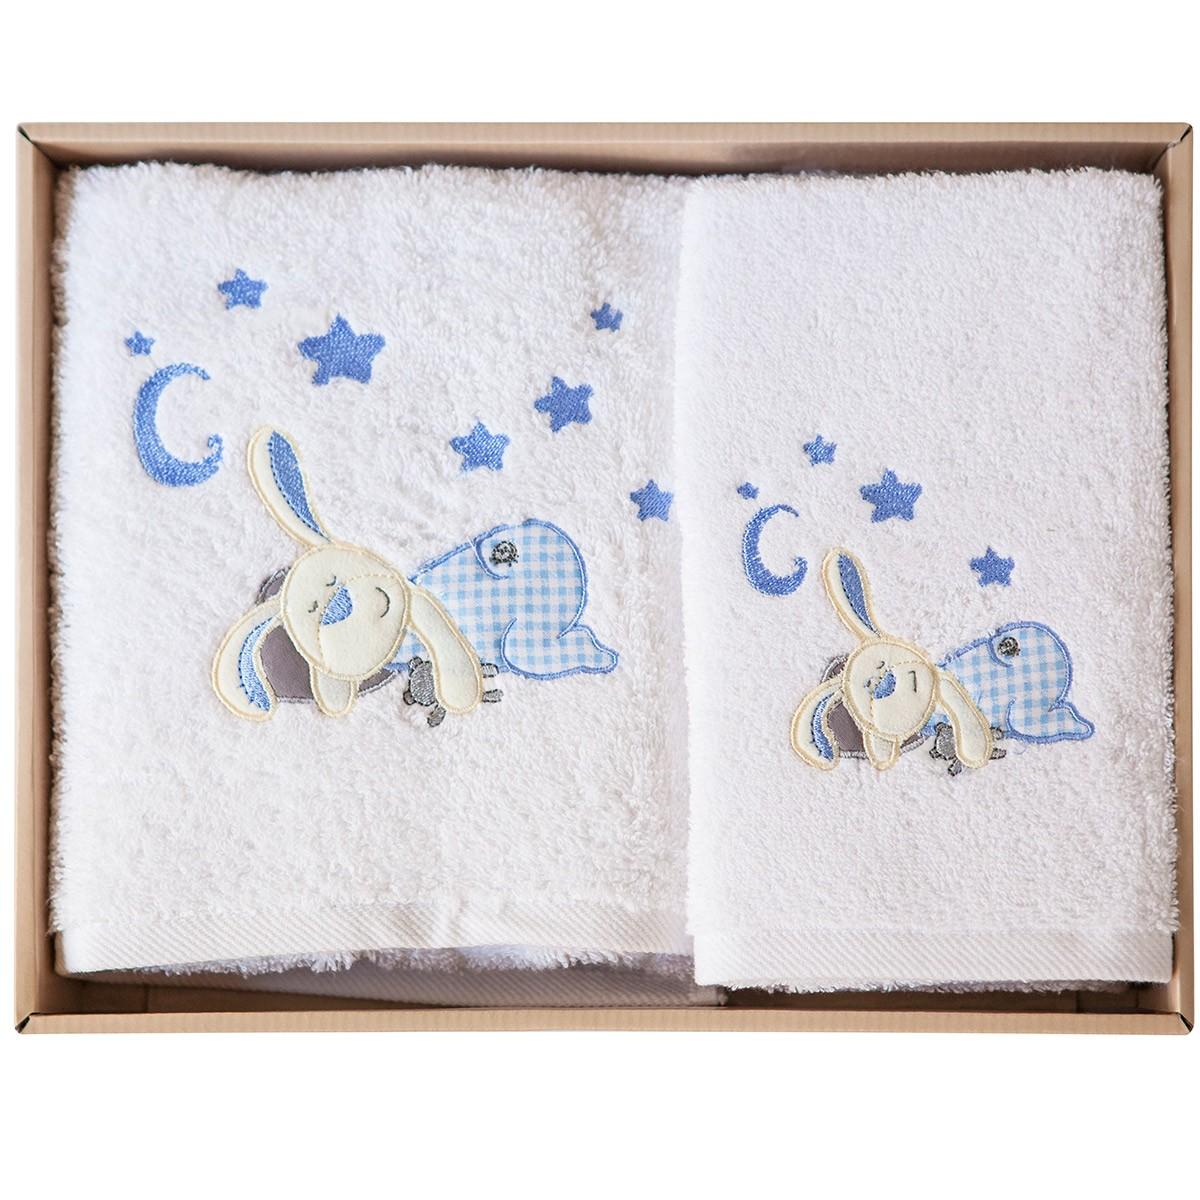 Βρεφικές Πετσέτες (Σετ 2τμχ) Melinen Rabbit White X Blue